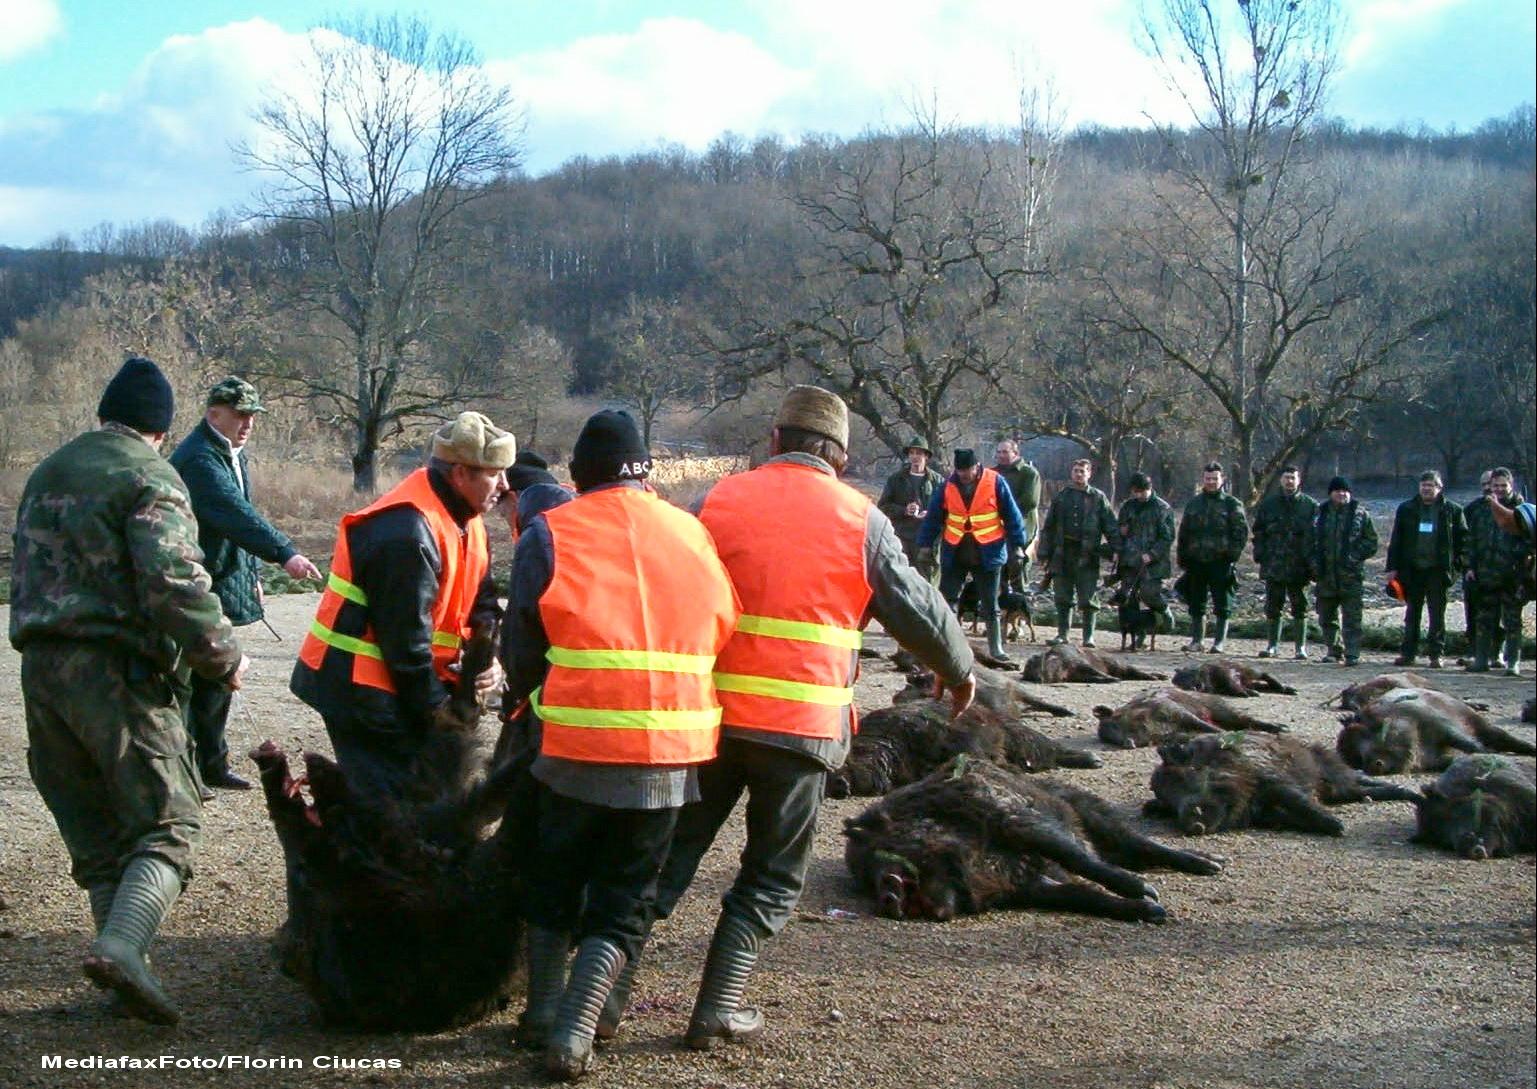 254 de mistreti au fost impuscati anul acesta la Balc. Carnea lor va ajunge la oamenii sarmani